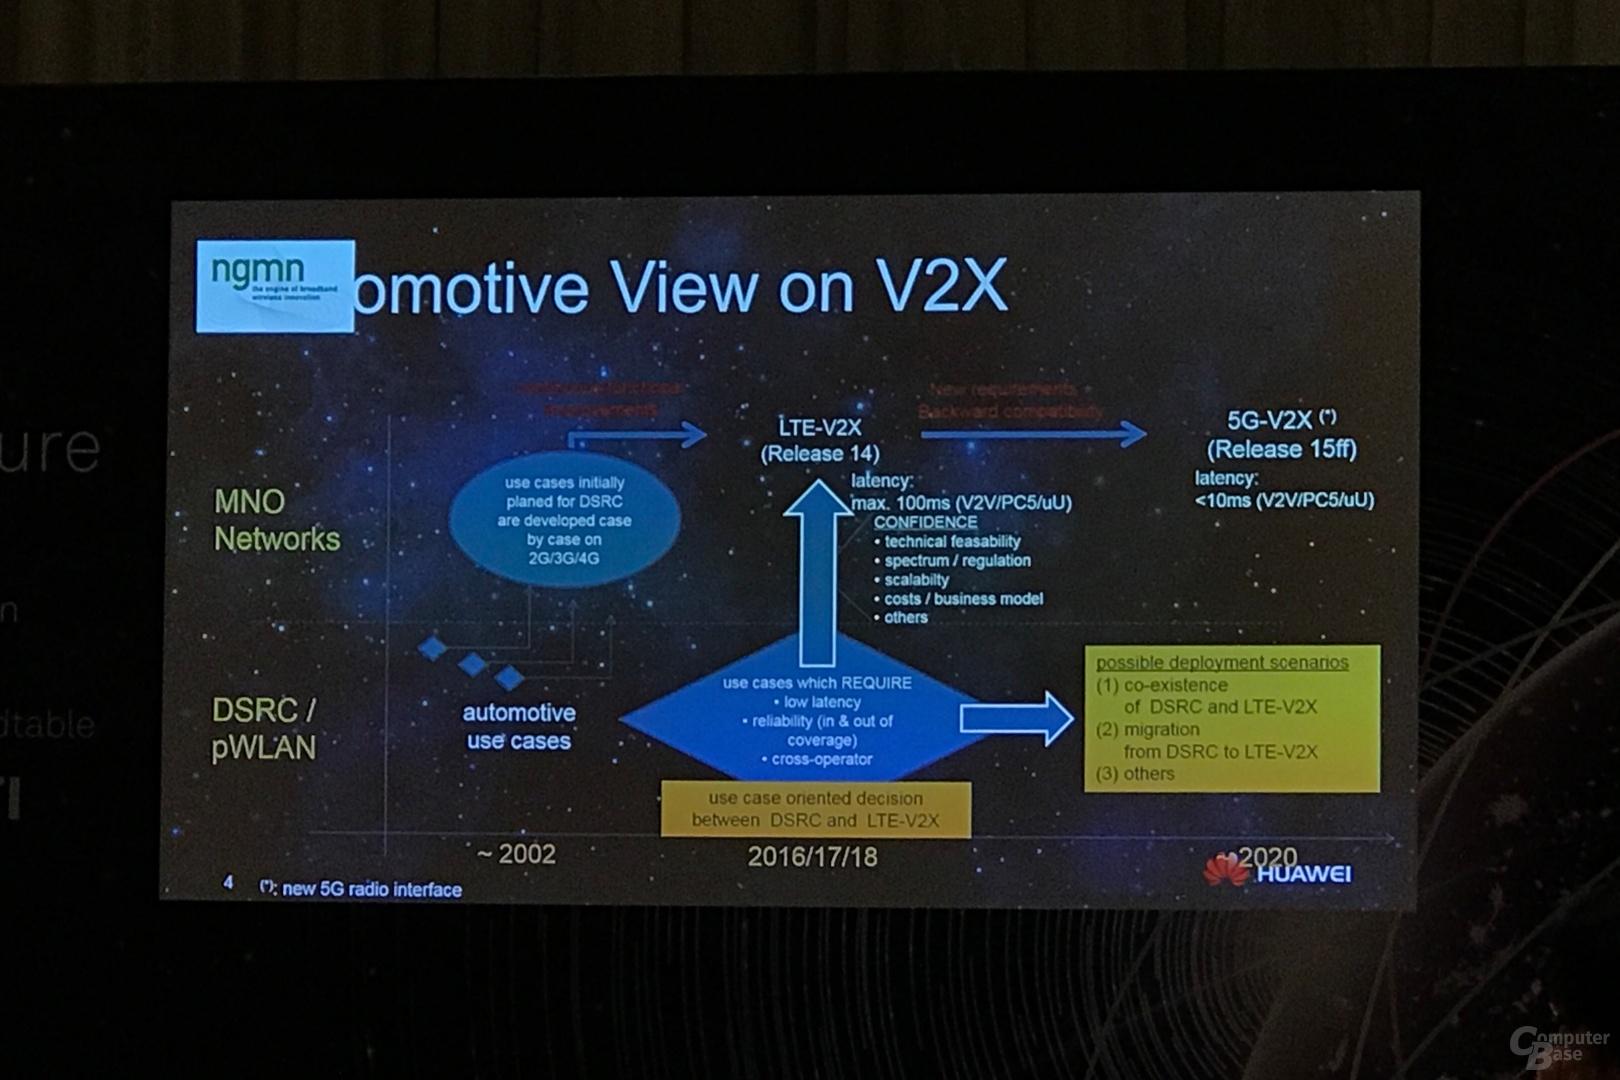 Die Entwicklung von LTE-V2X hin zu 5G-V2X